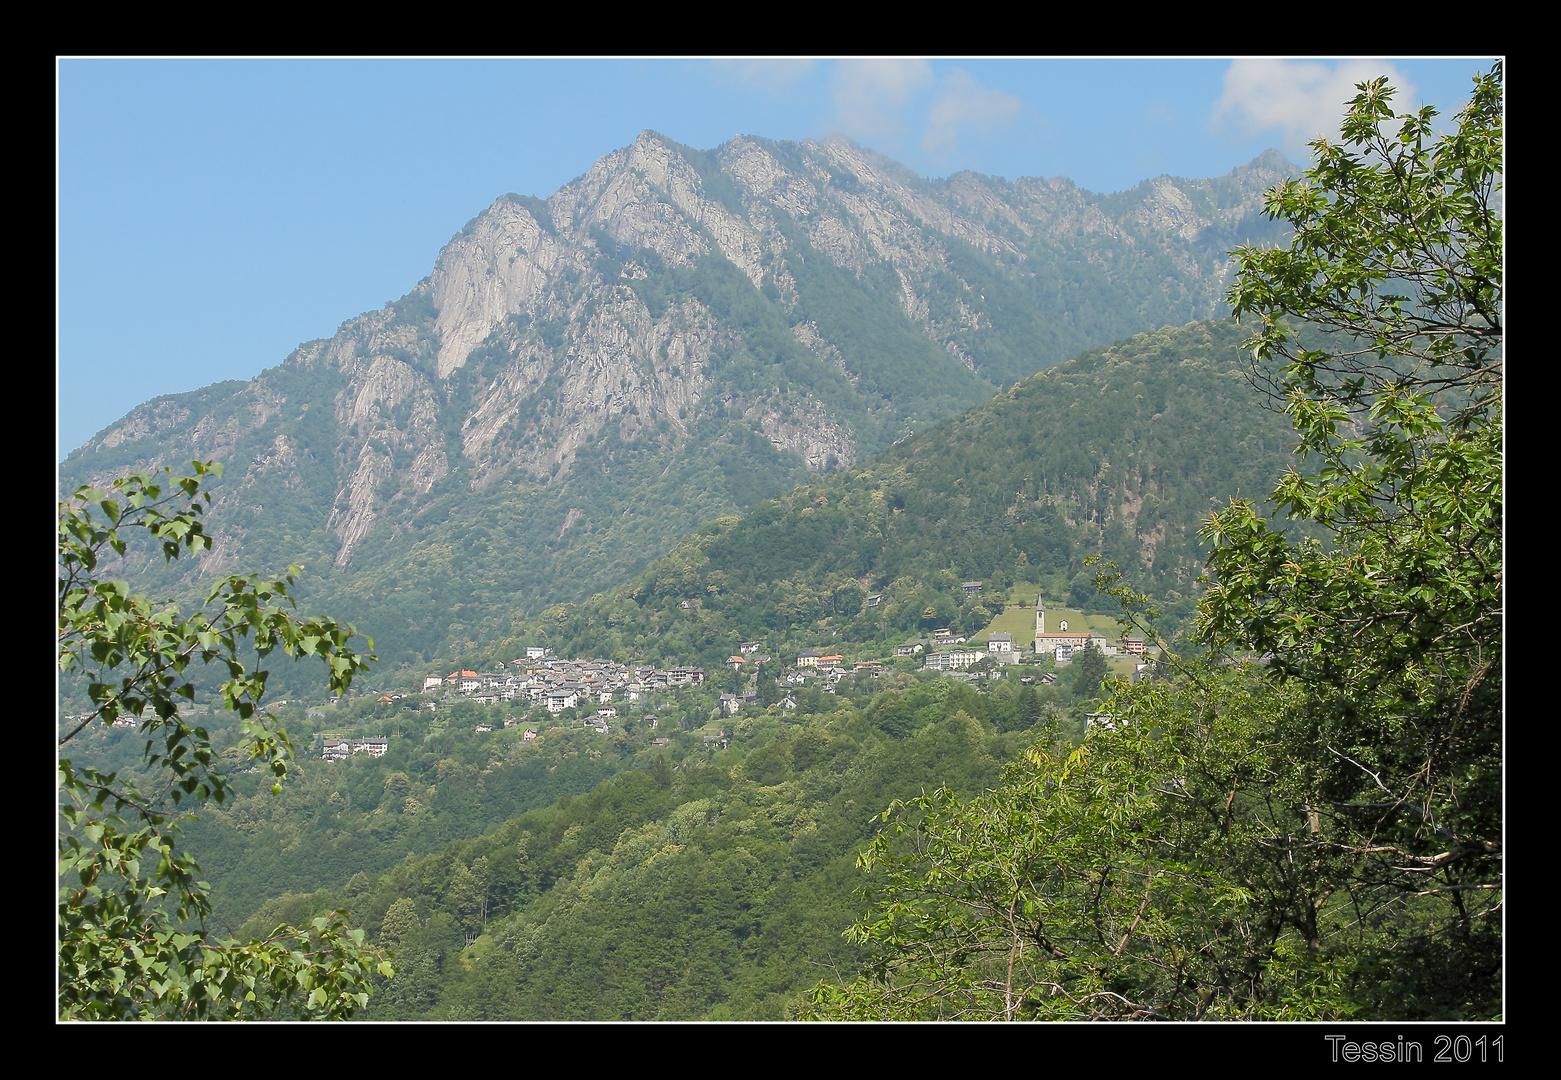 Tessin 2011 Valle Onsernone Dorf als Schwalbennest